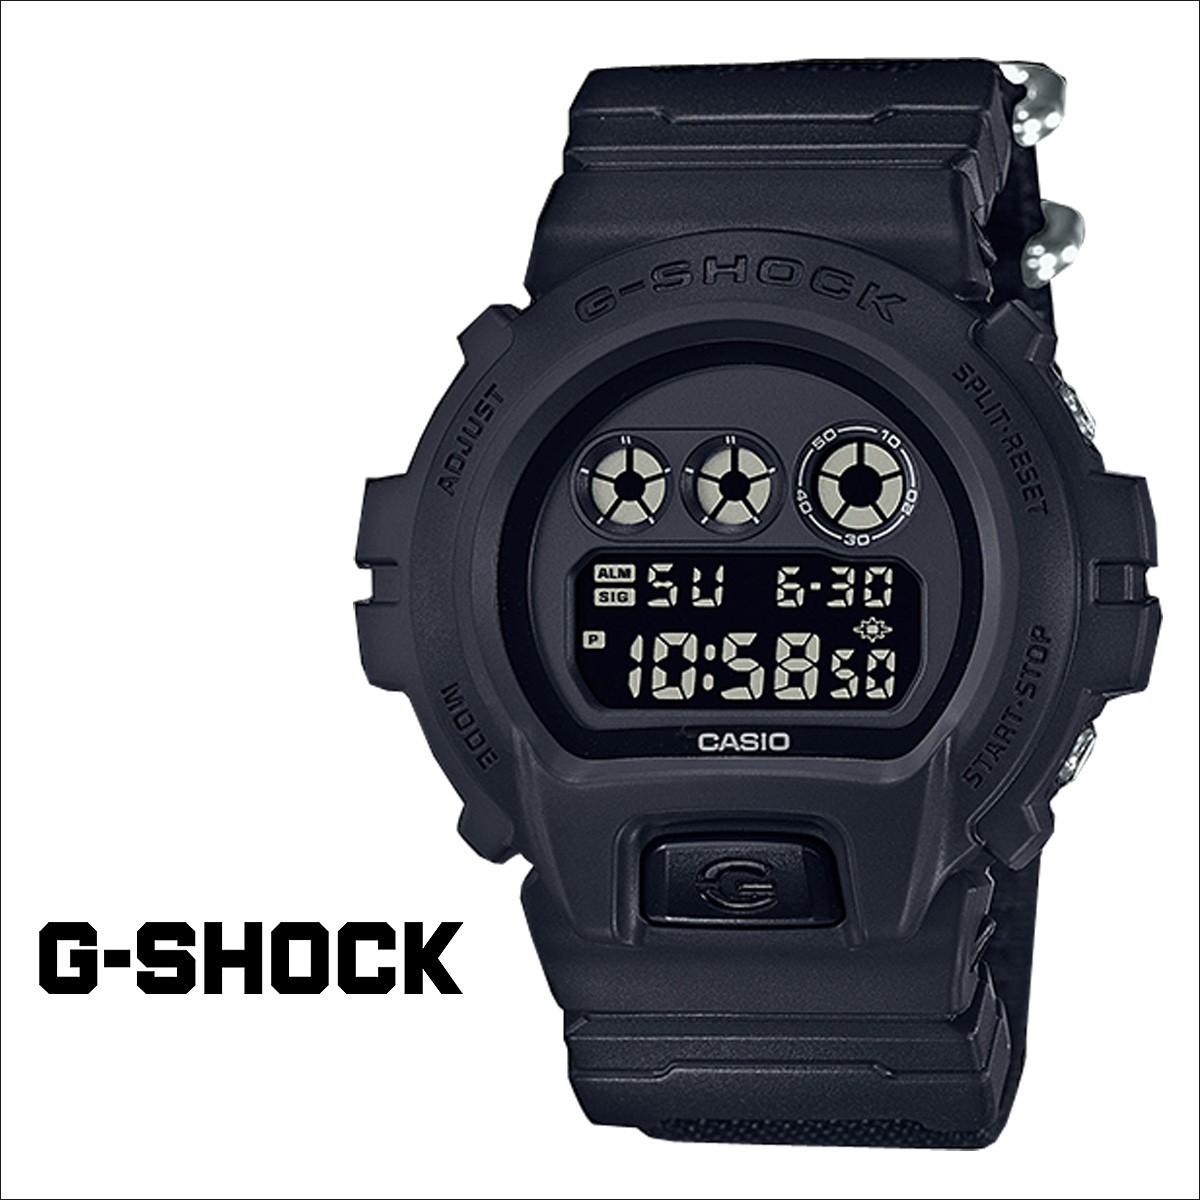 カシオ CASIO G-SHOCK 腕時計 ブラック DW-6900BBN-1JF 6900 ジーショック Gショック G-ショック メンズ [1/12 再入荷]